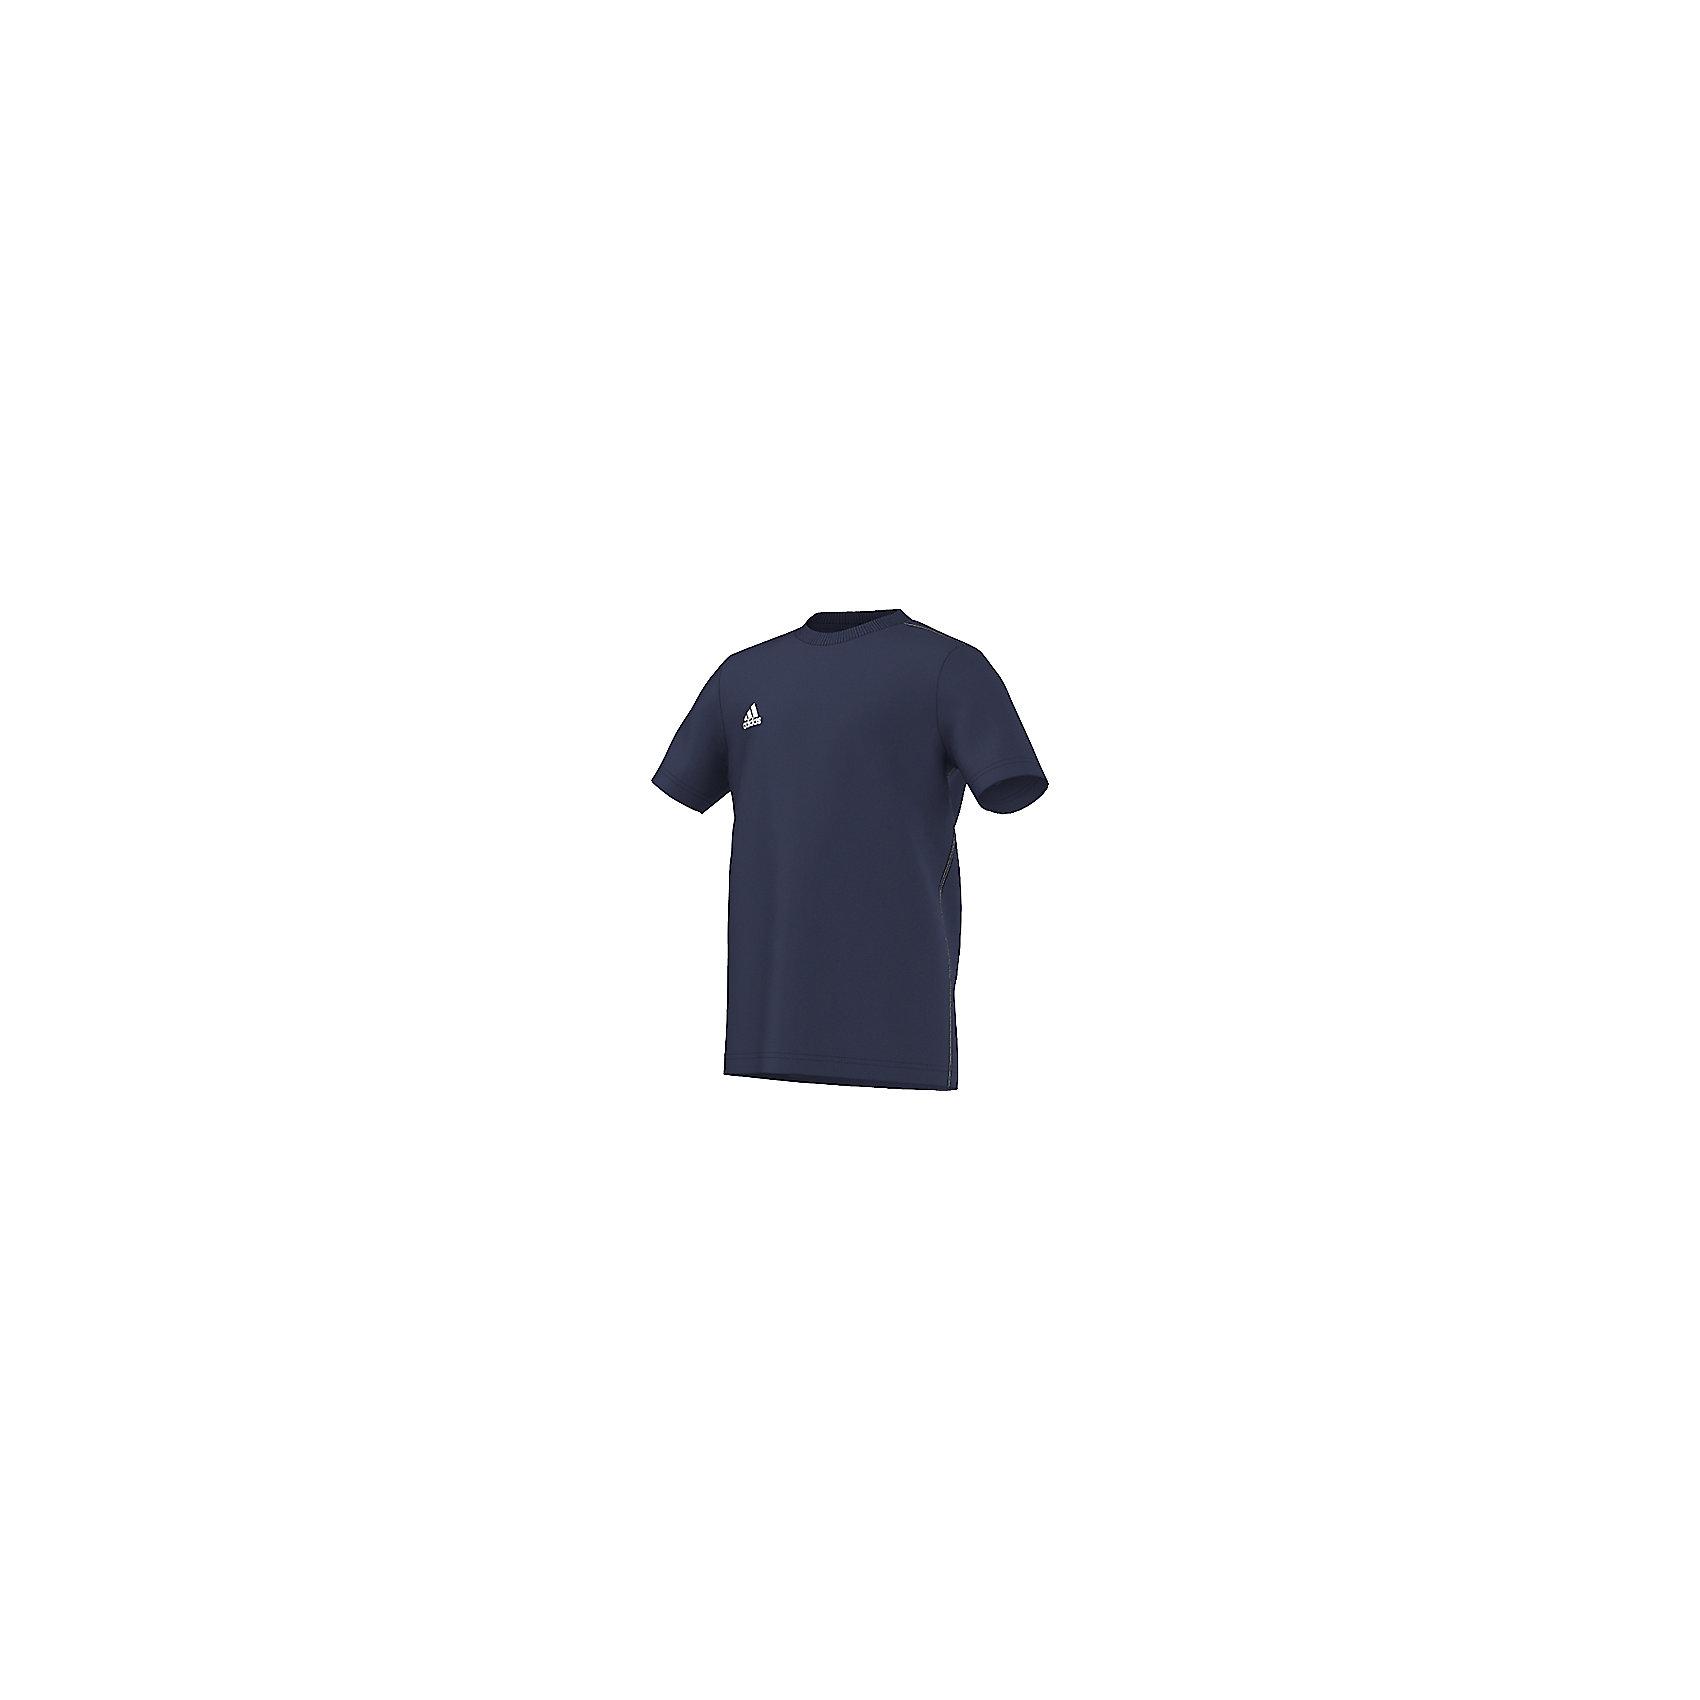 Футболка Core 15 Tee adidasСпортивная одежда<br>Футболка Аdidas (Адидас).<br><br>Характеристики:<br><br>• Цвет: темно-синий.<br>• Состав: 70% хлопок, 30% полиэстер.<br>• Ткань ClimaLite выводит влагу с кожи, позволяя себя чувствовать комфортно на протяжении всей тренировки.<br>• Материал: трикотаж.<br><br>Футболка от известного бренда Adidas станет удачным дополнением к гардеробу вашего мальчика. Футболка имеет прямой крой и короткие рукава. Горловина обработана кантом. Модель изготовлена из тонкого прочного хлопкового трикотажного полотна Для увеличения эластичности кулирной глади в хлопок добавлена лайкра, которая оберегает изделие от образования складок. Ткань приятна на ощупь, не раздражает нежную кожу, отлично пропускает воздух, идеально подходит для занятий спортом. В такой футболке  ваш ребенок будет чувствовать себя удобно и комфортно на занятиях спортом и в повседневной жизни.<br><br>Футболку  Adidas (Адидас), можно купить в нашем интернет – магазине.<br><br>Ширина мм: 276<br>Глубина мм: 187<br>Высота мм: 25<br>Вес г: 94<br>Цвет: синий<br>Возраст от месяцев: 72<br>Возраст до месяцев: 84<br>Пол: Мужской<br>Возраст: Детский<br>Размер: 128,164,152<br>SKU: 5003623